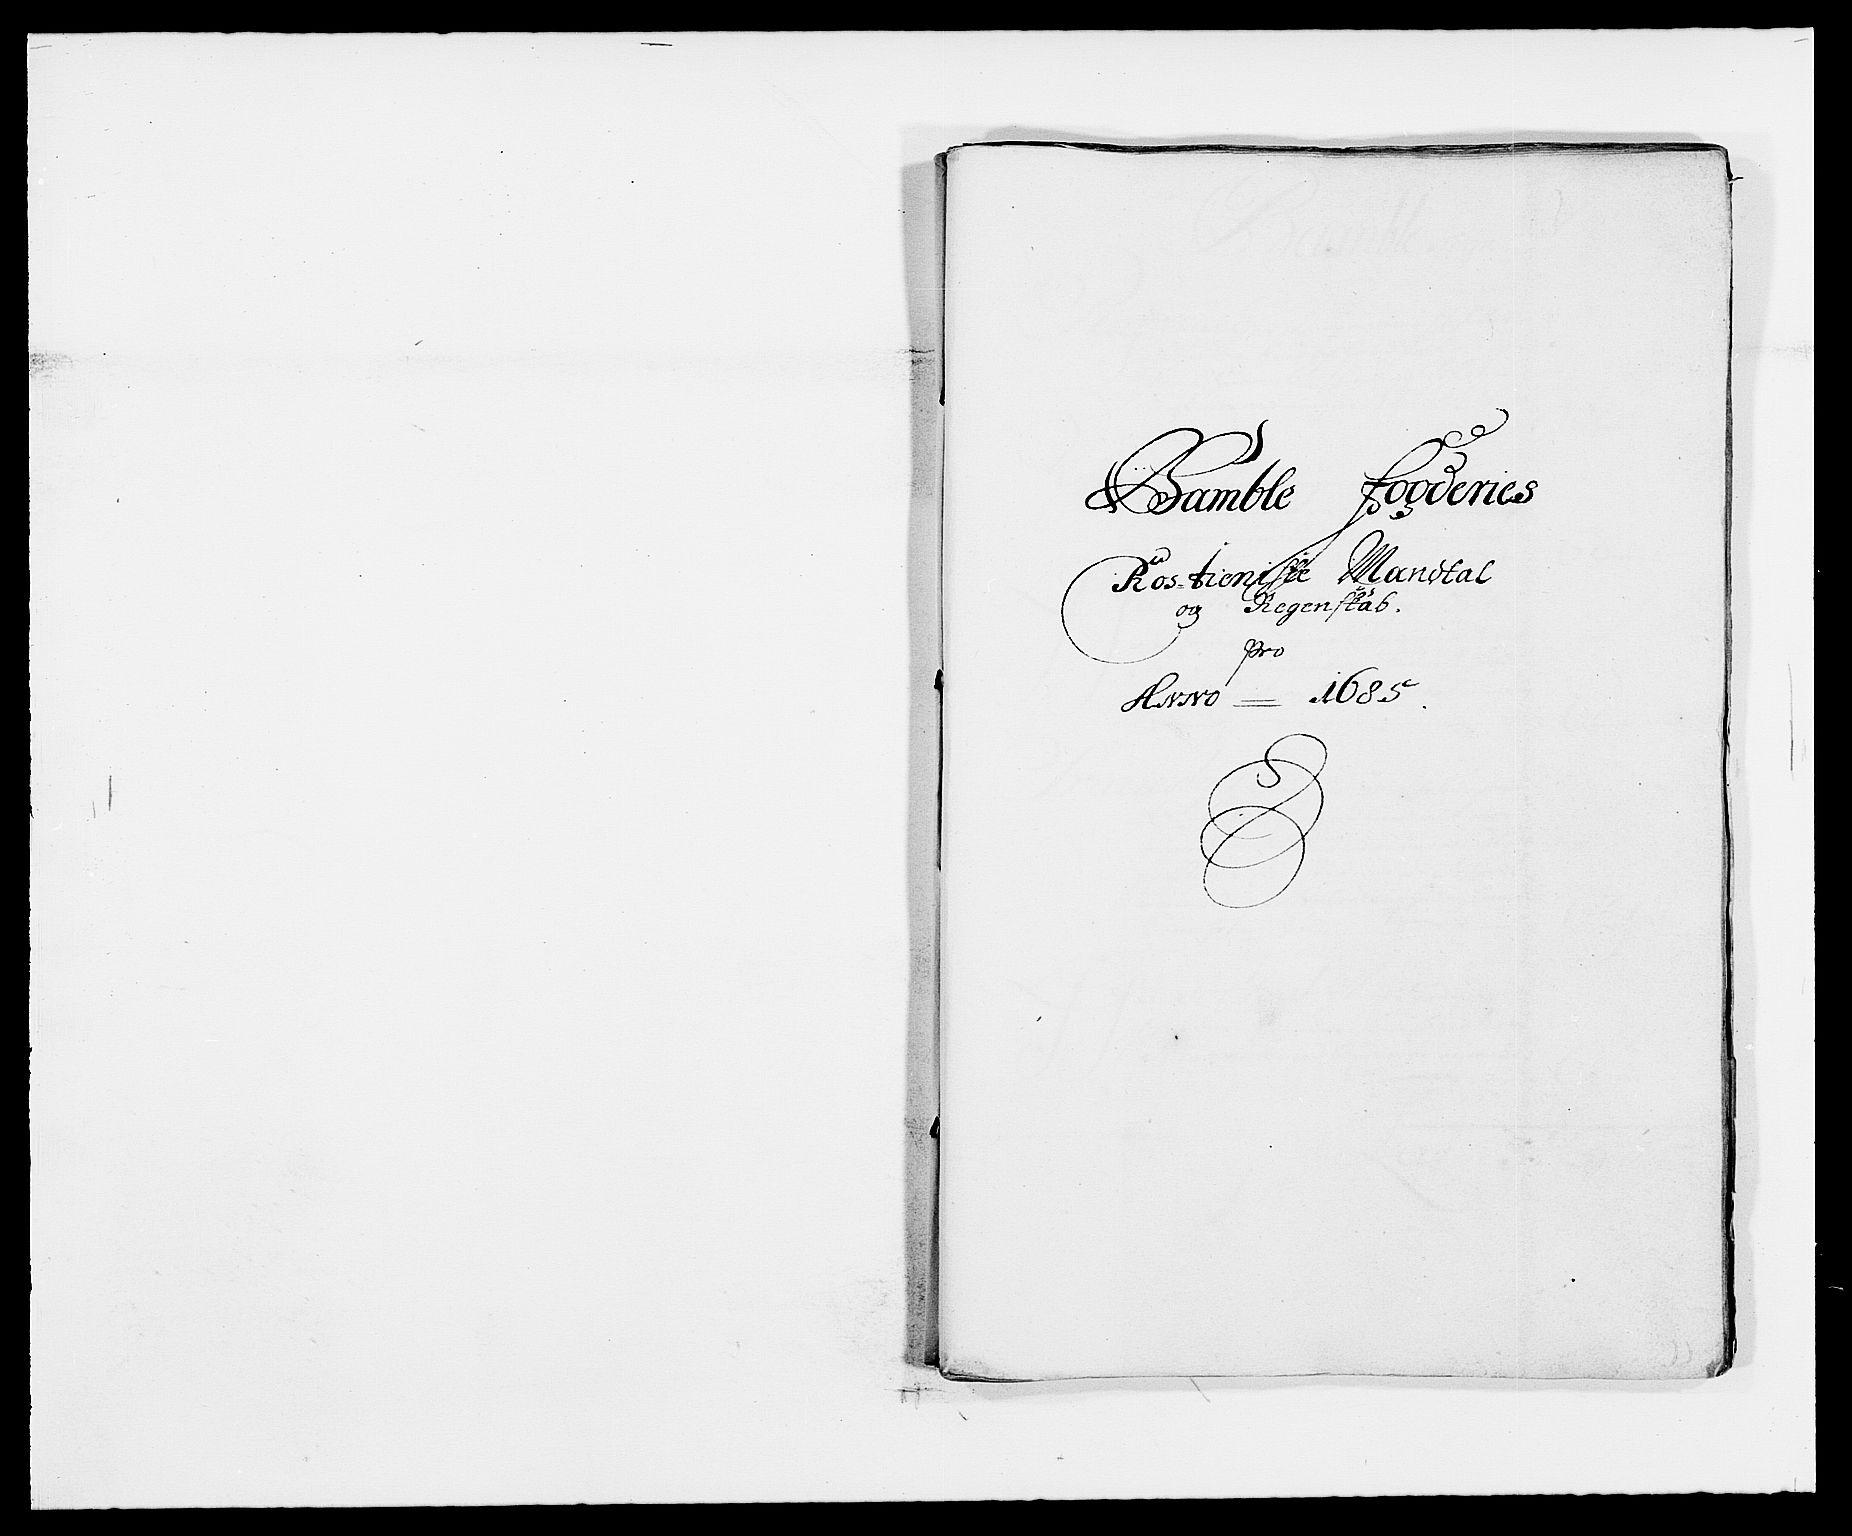 RA, Rentekammeret inntil 1814, Reviderte regnskaper, Fogderegnskap, R34/L2048: Fogderegnskap Bamble, 1685-1687, s. 144